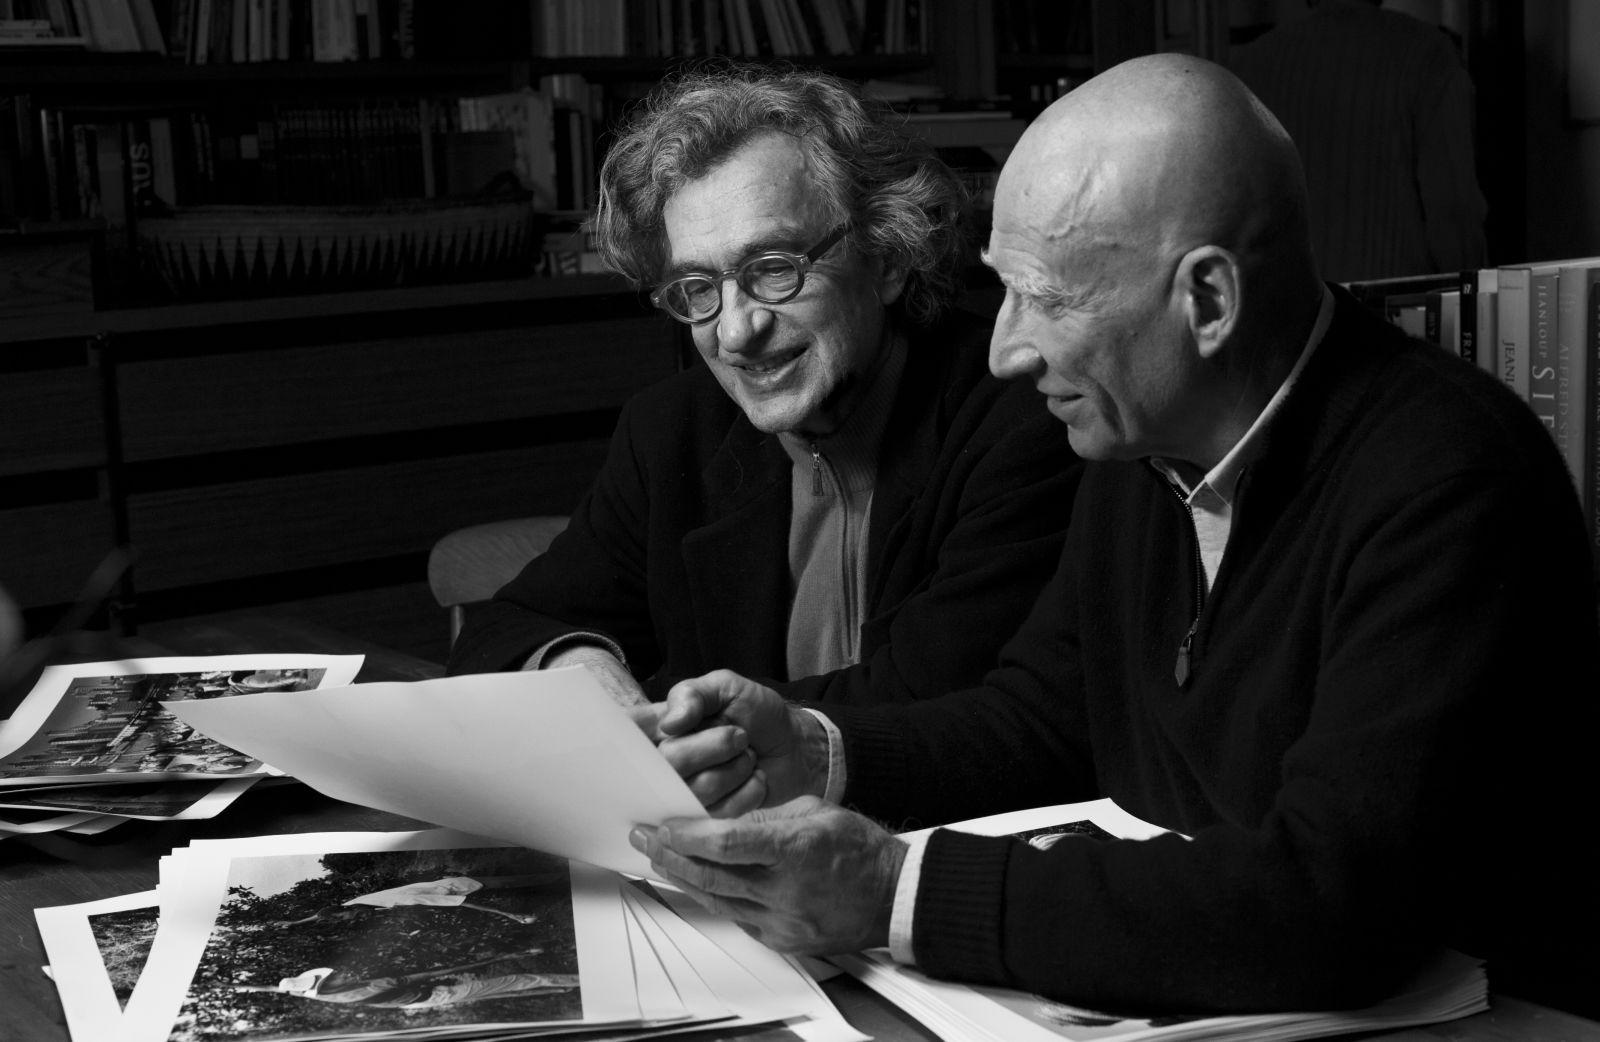 Il Sale della Terra: Wim Wenders in una scena del documentario con il fotografo Sebastião Salgado